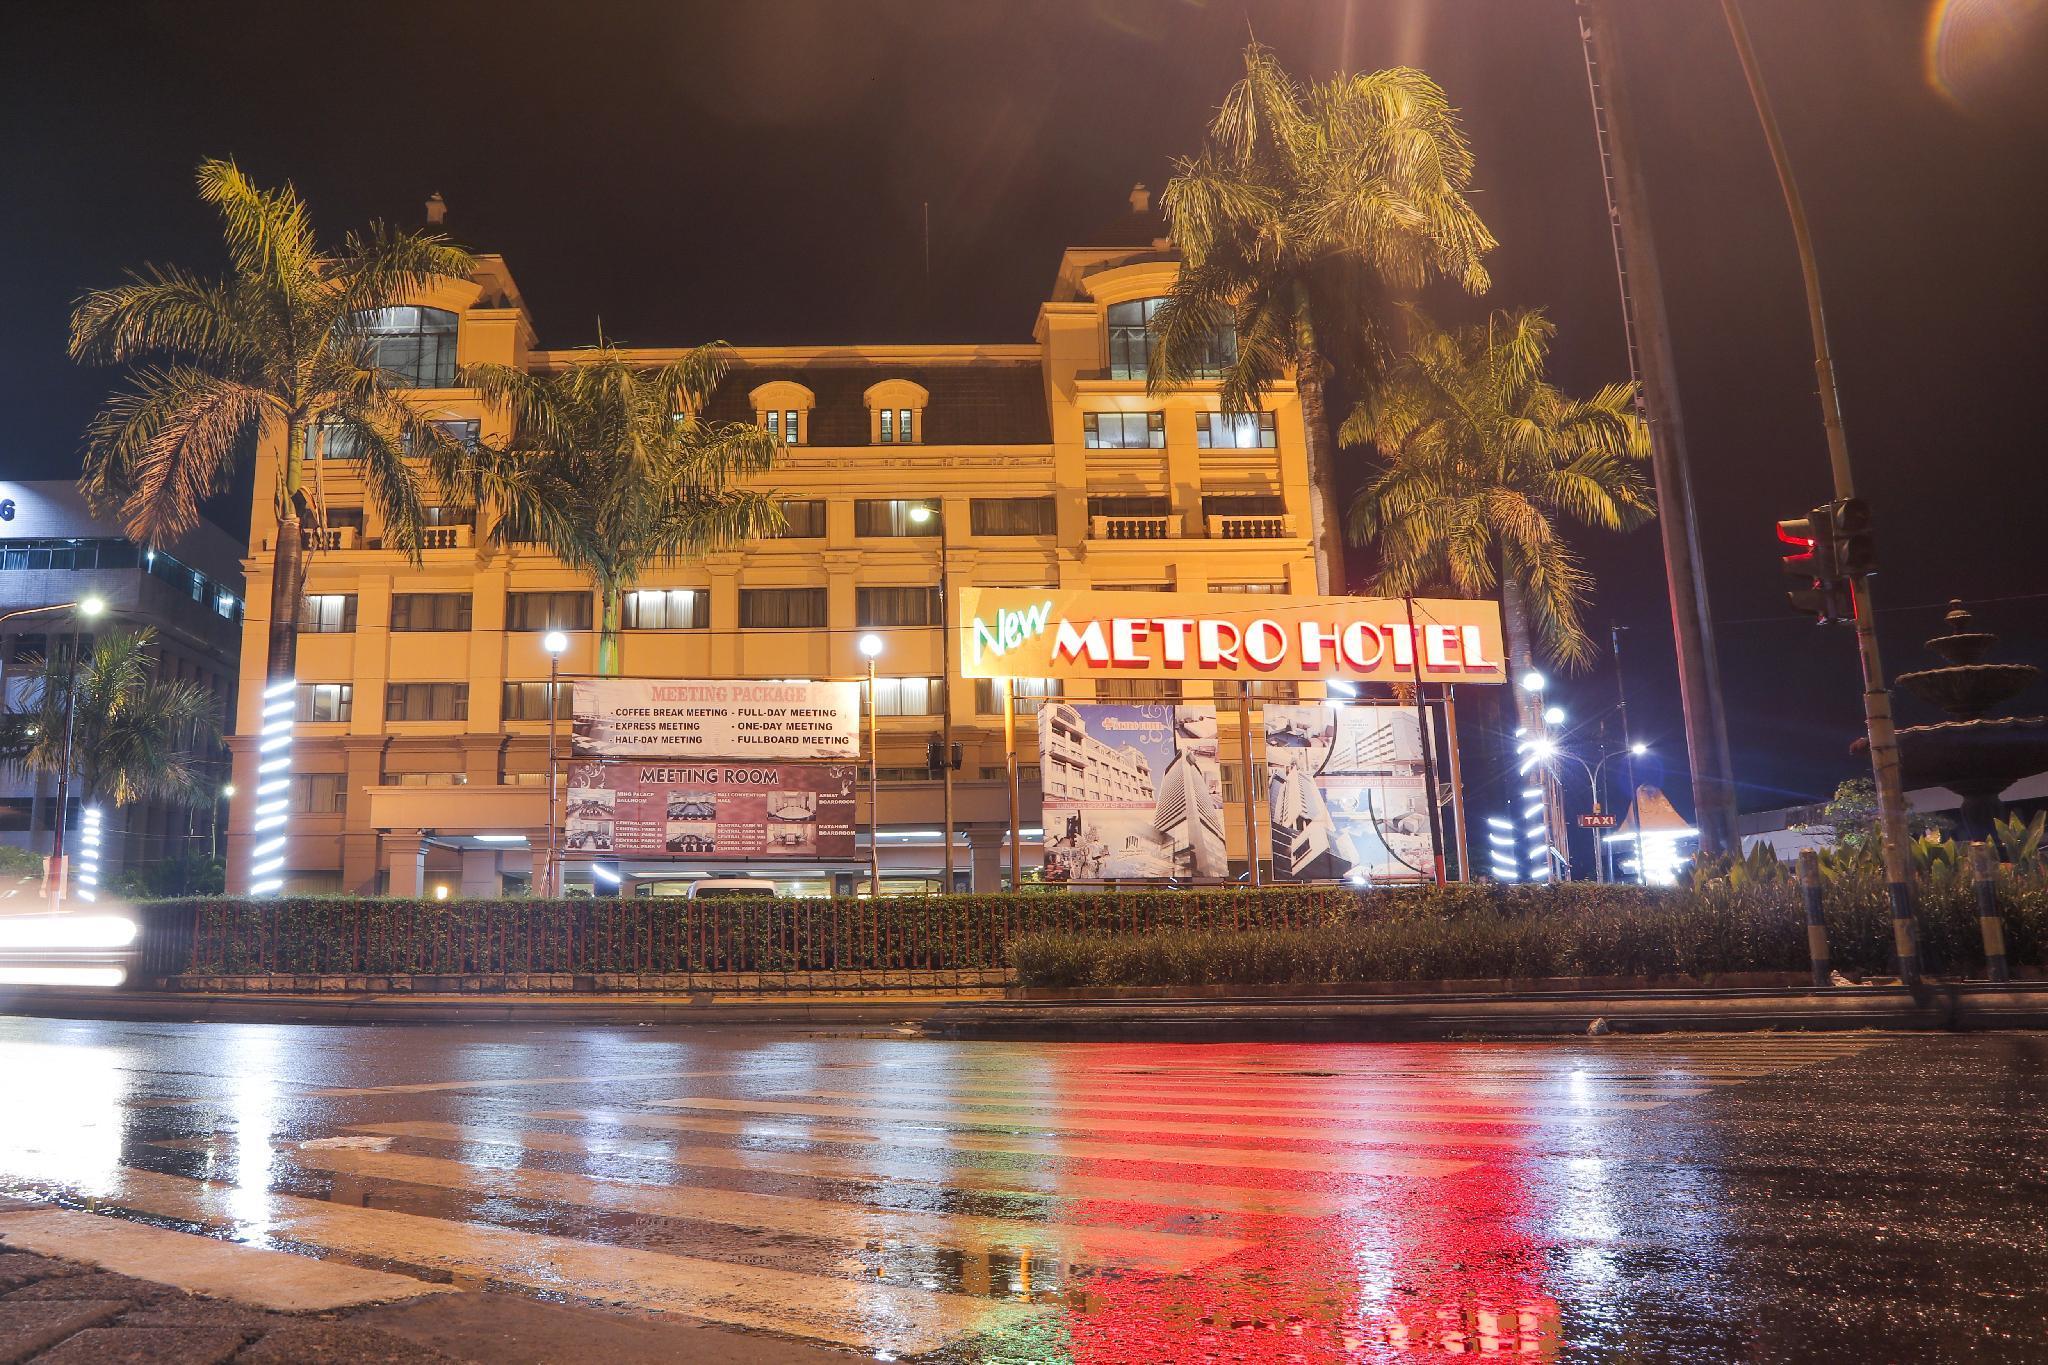 New Metro Hotel